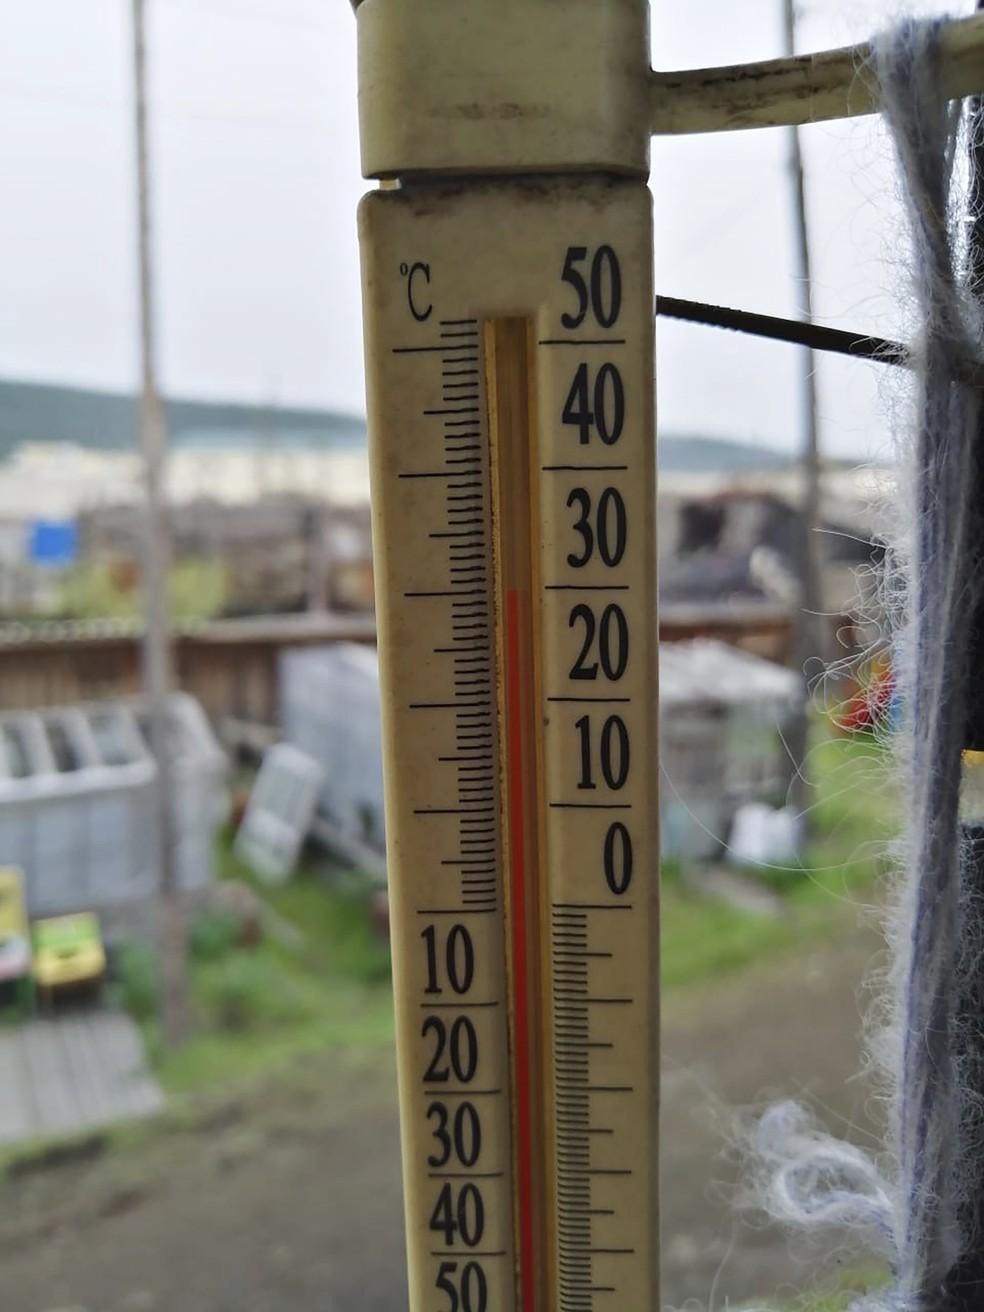 Termômetro em Verkhoyansk, na Rússia, marca mais de 30°C neste domingo (21), temperatura pouco usual mesmo no verão russo — Foto: Olga Burtseva via AP